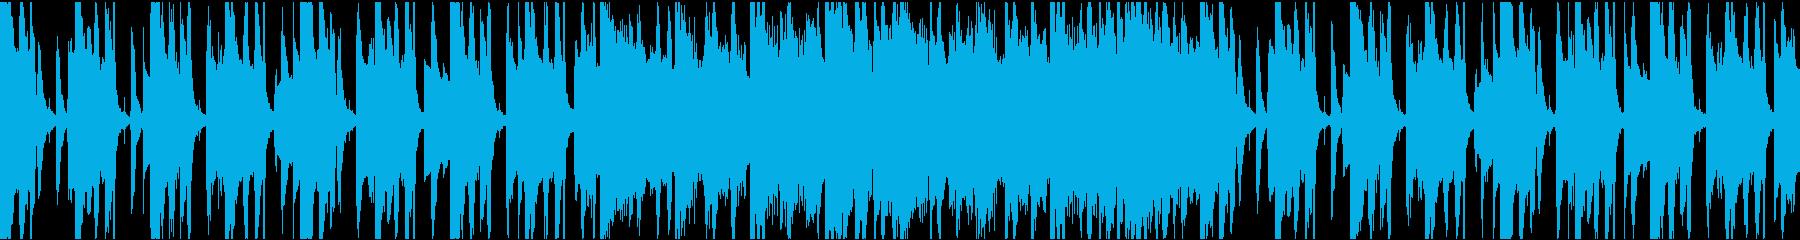 ゆったりコミカル/ループの再生済みの波形